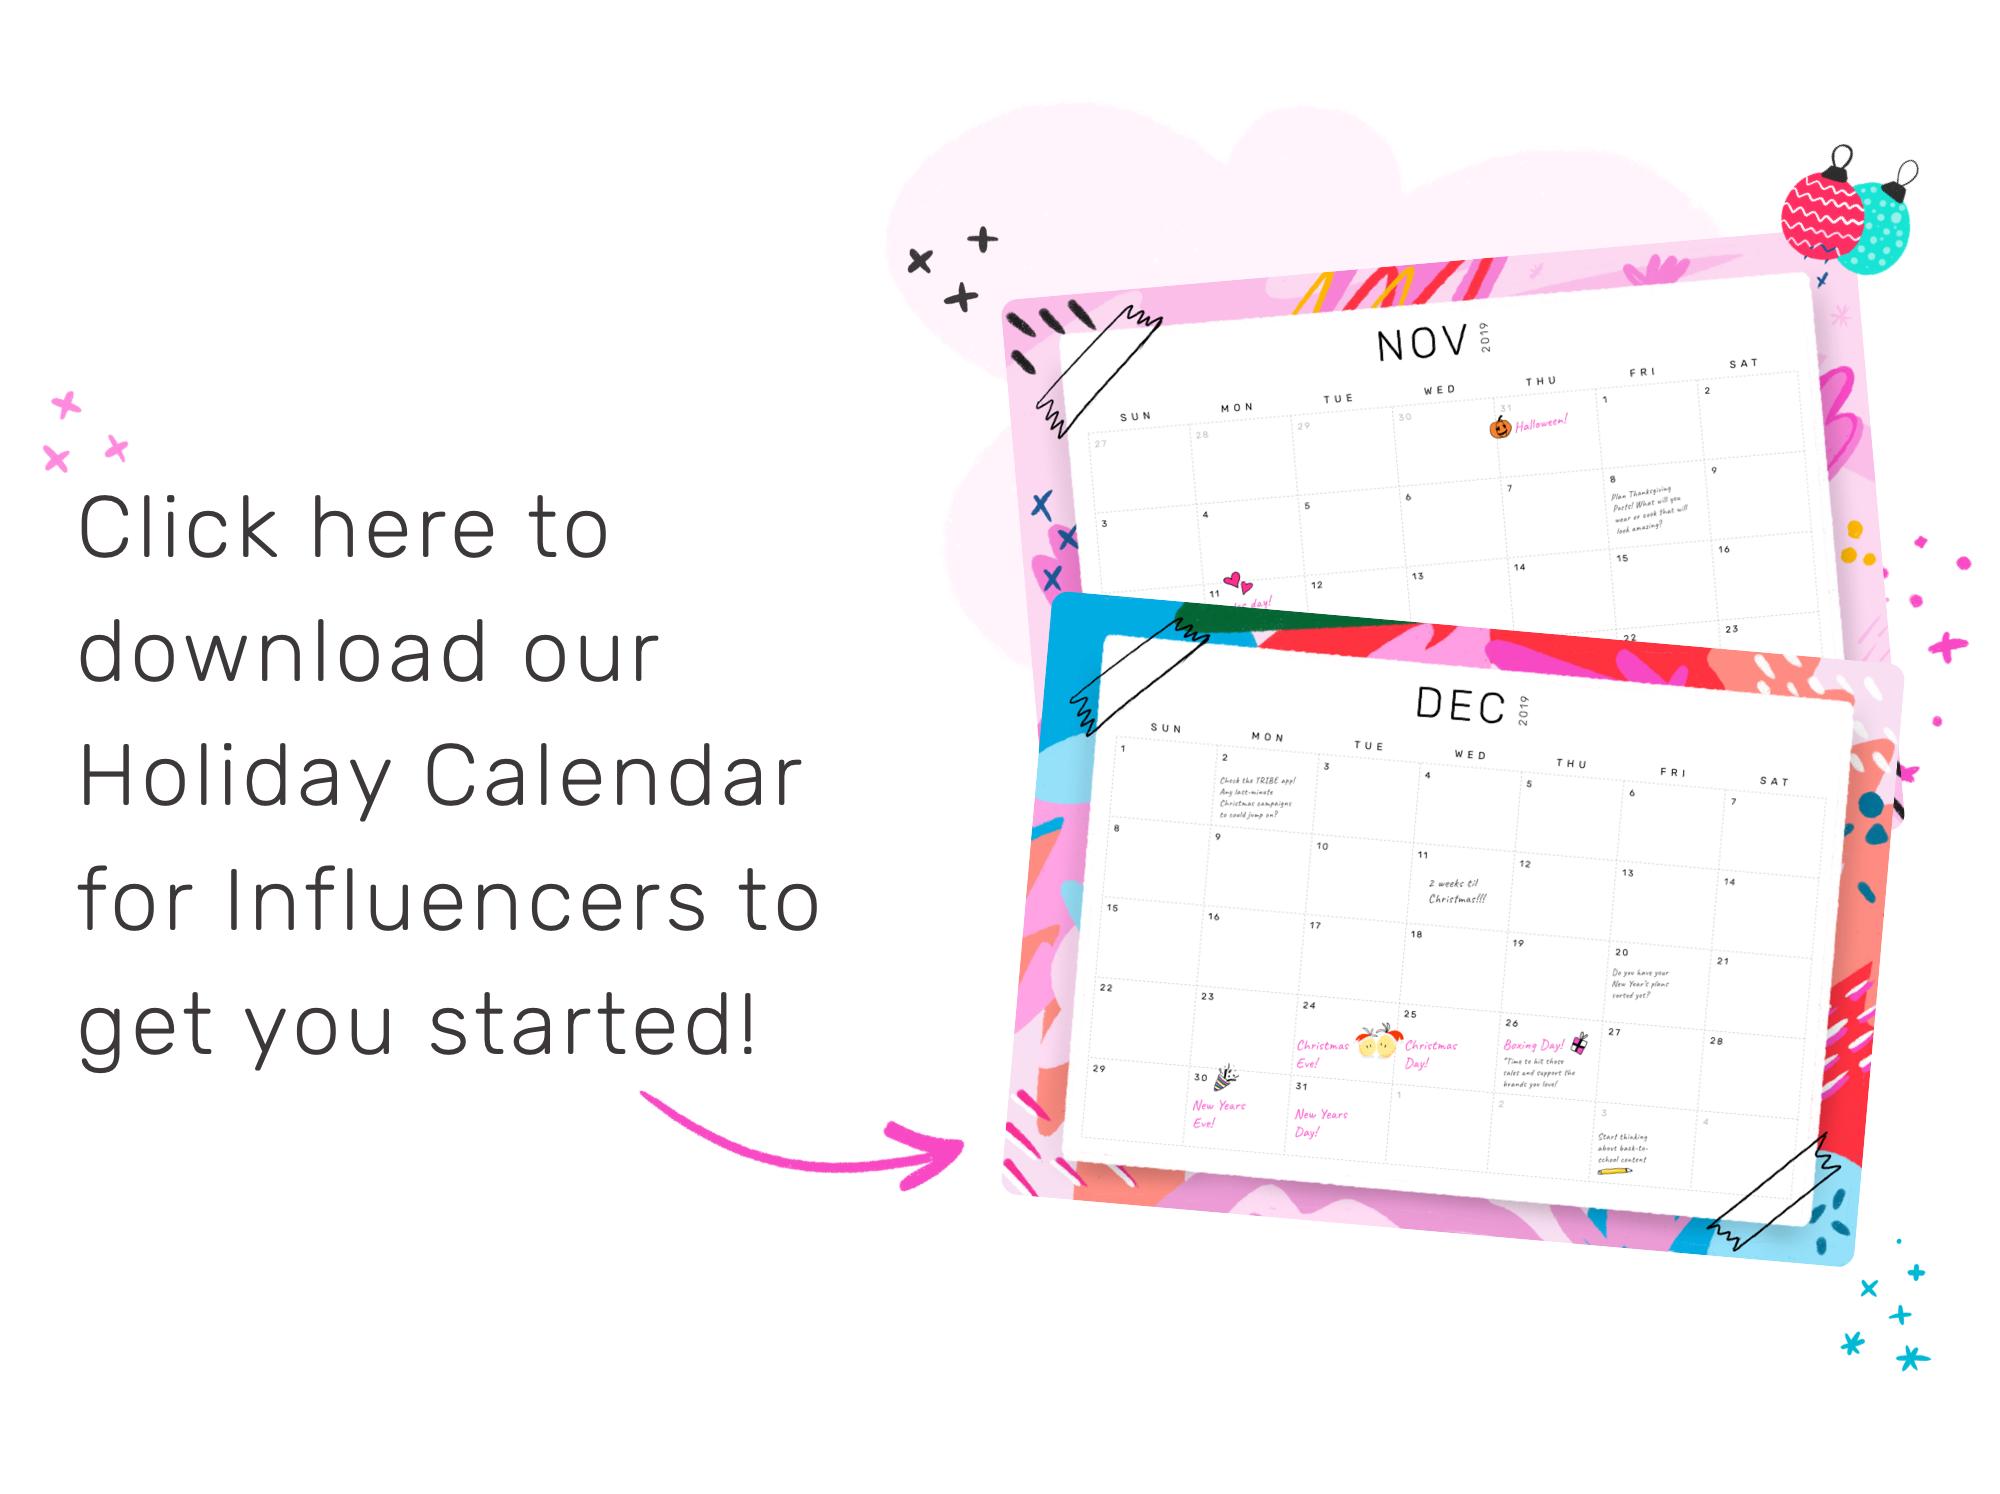 2019 Influencer Holiday Calendar